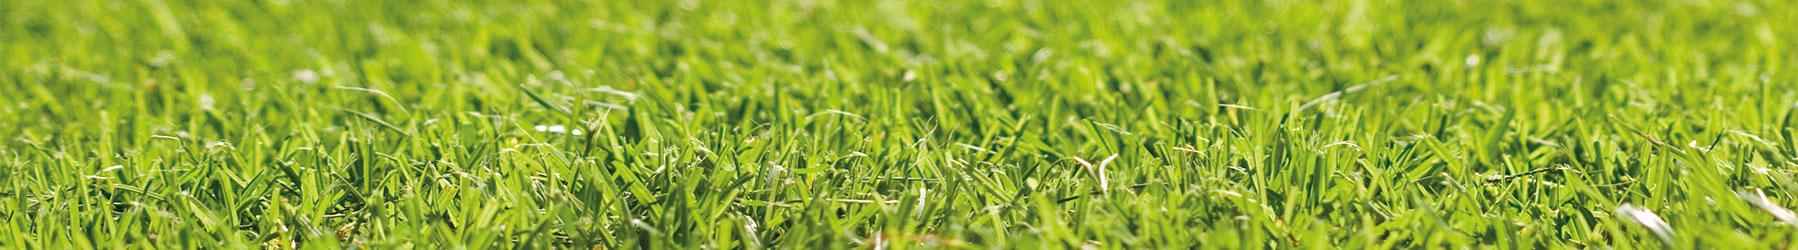 Rasenpflege Tipps - Ihr Weg zum